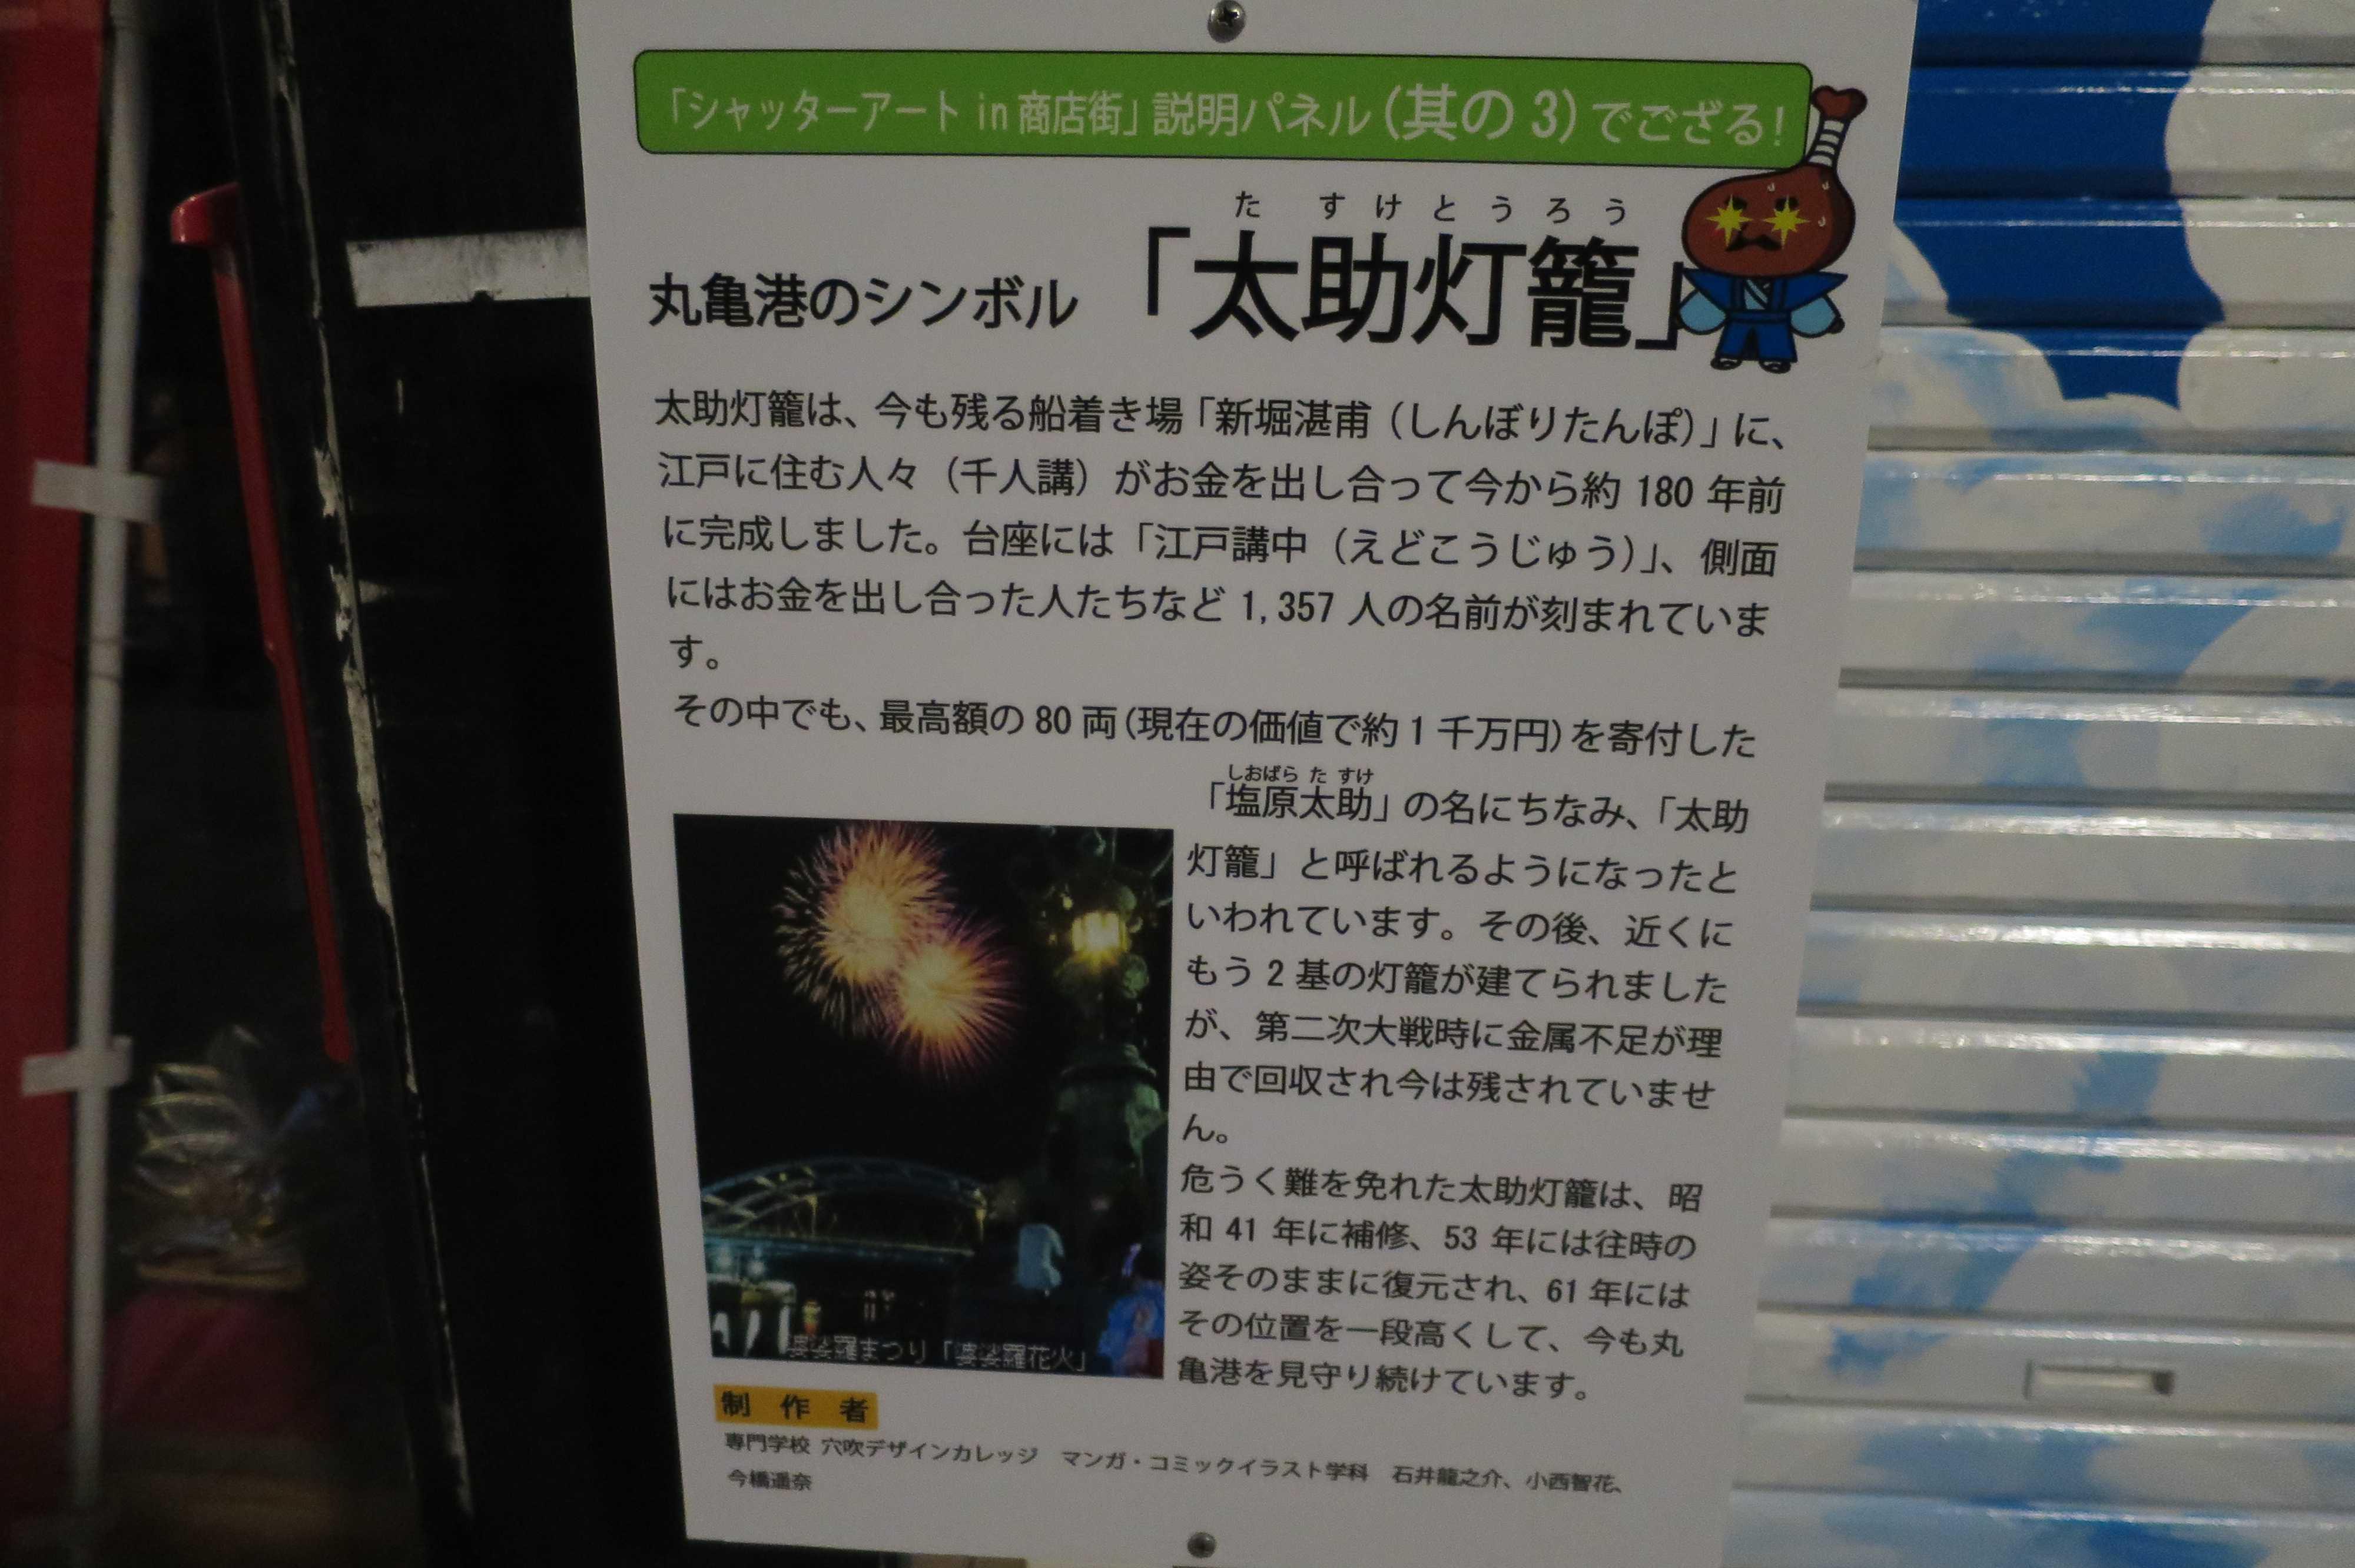 富谷町商店街: シャッターアート in 商店街  丸亀港のシンボル「太助灯籠」